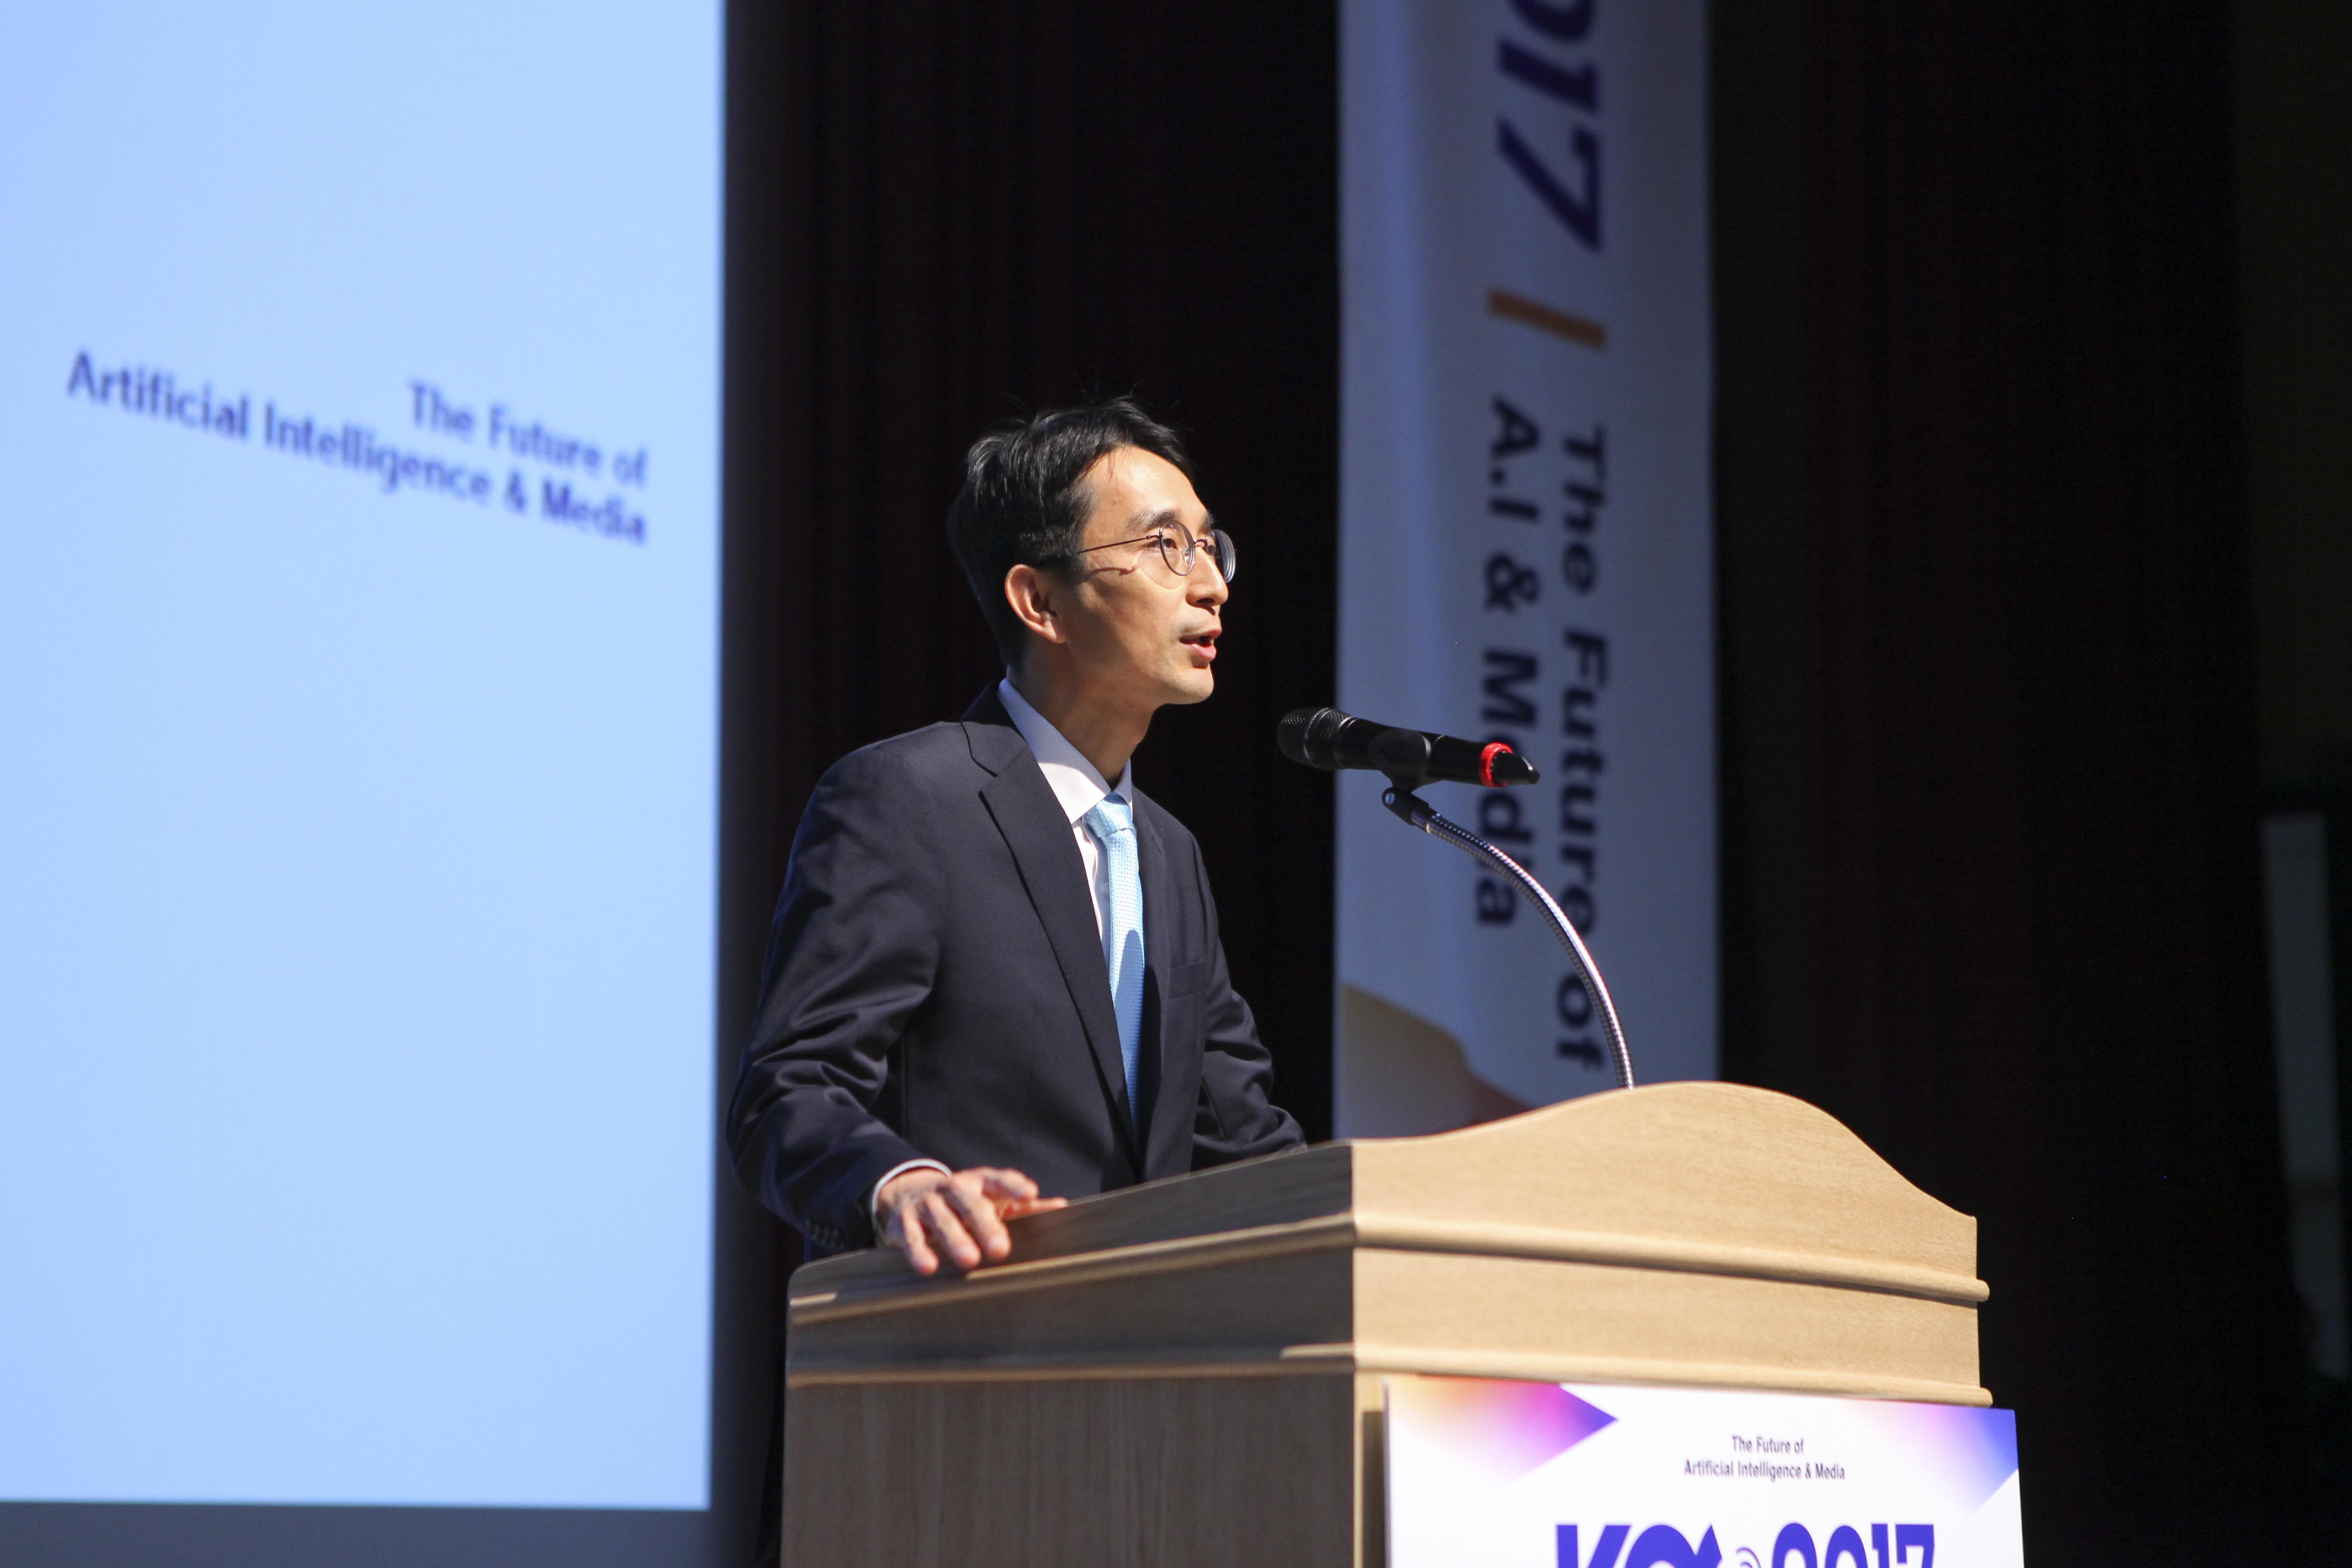 개회사 중인 박종석 한국방송기술인연합회장